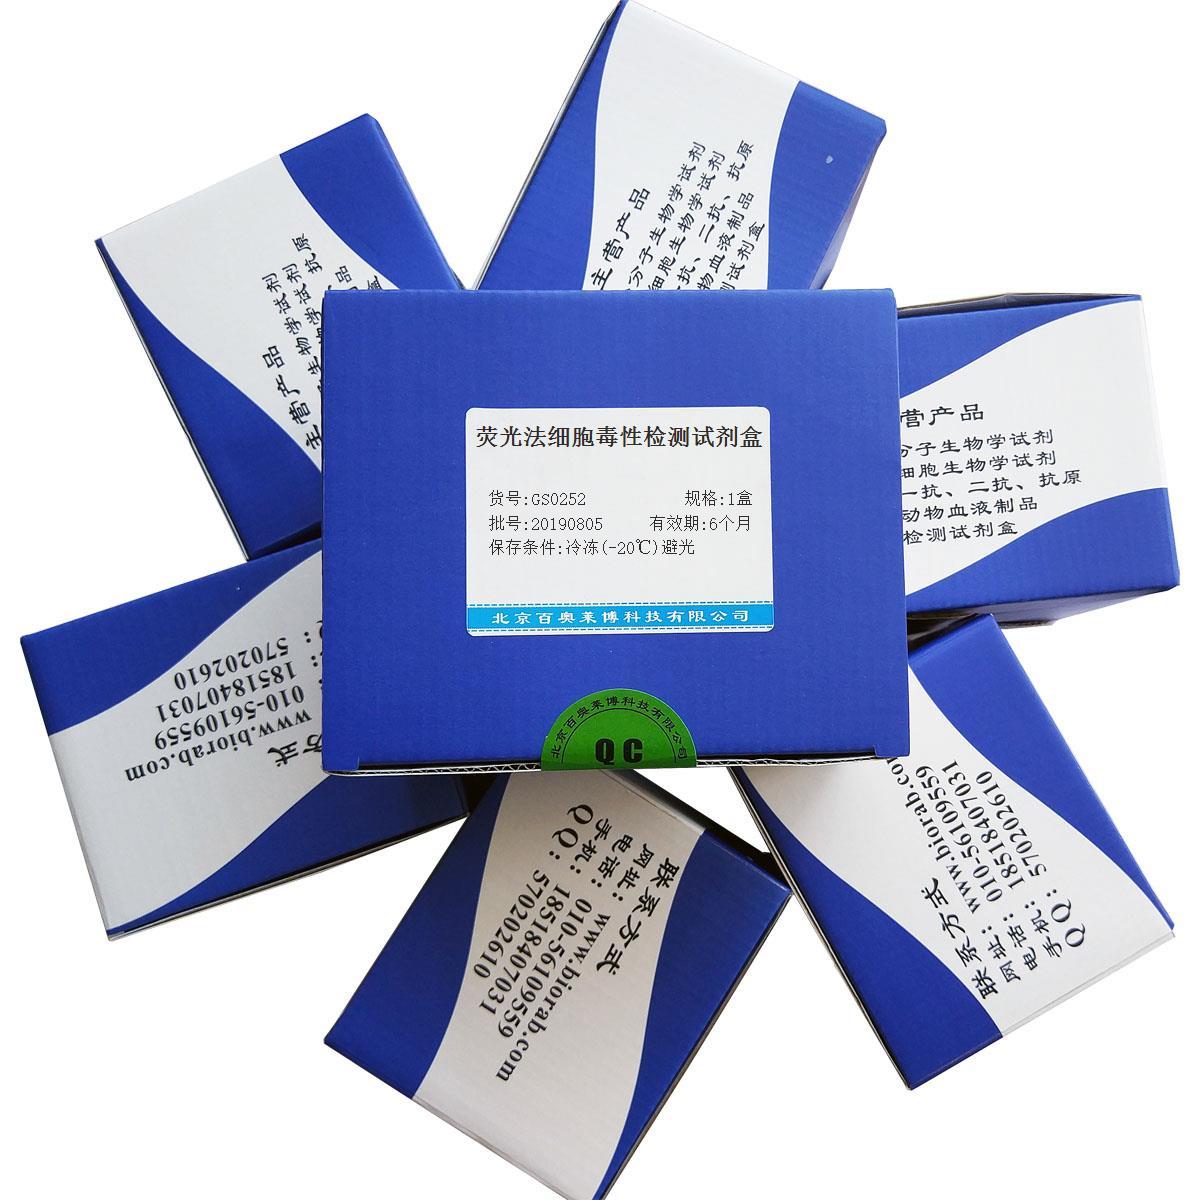 荧光法细胞毒性检测试剂盒北京厂家